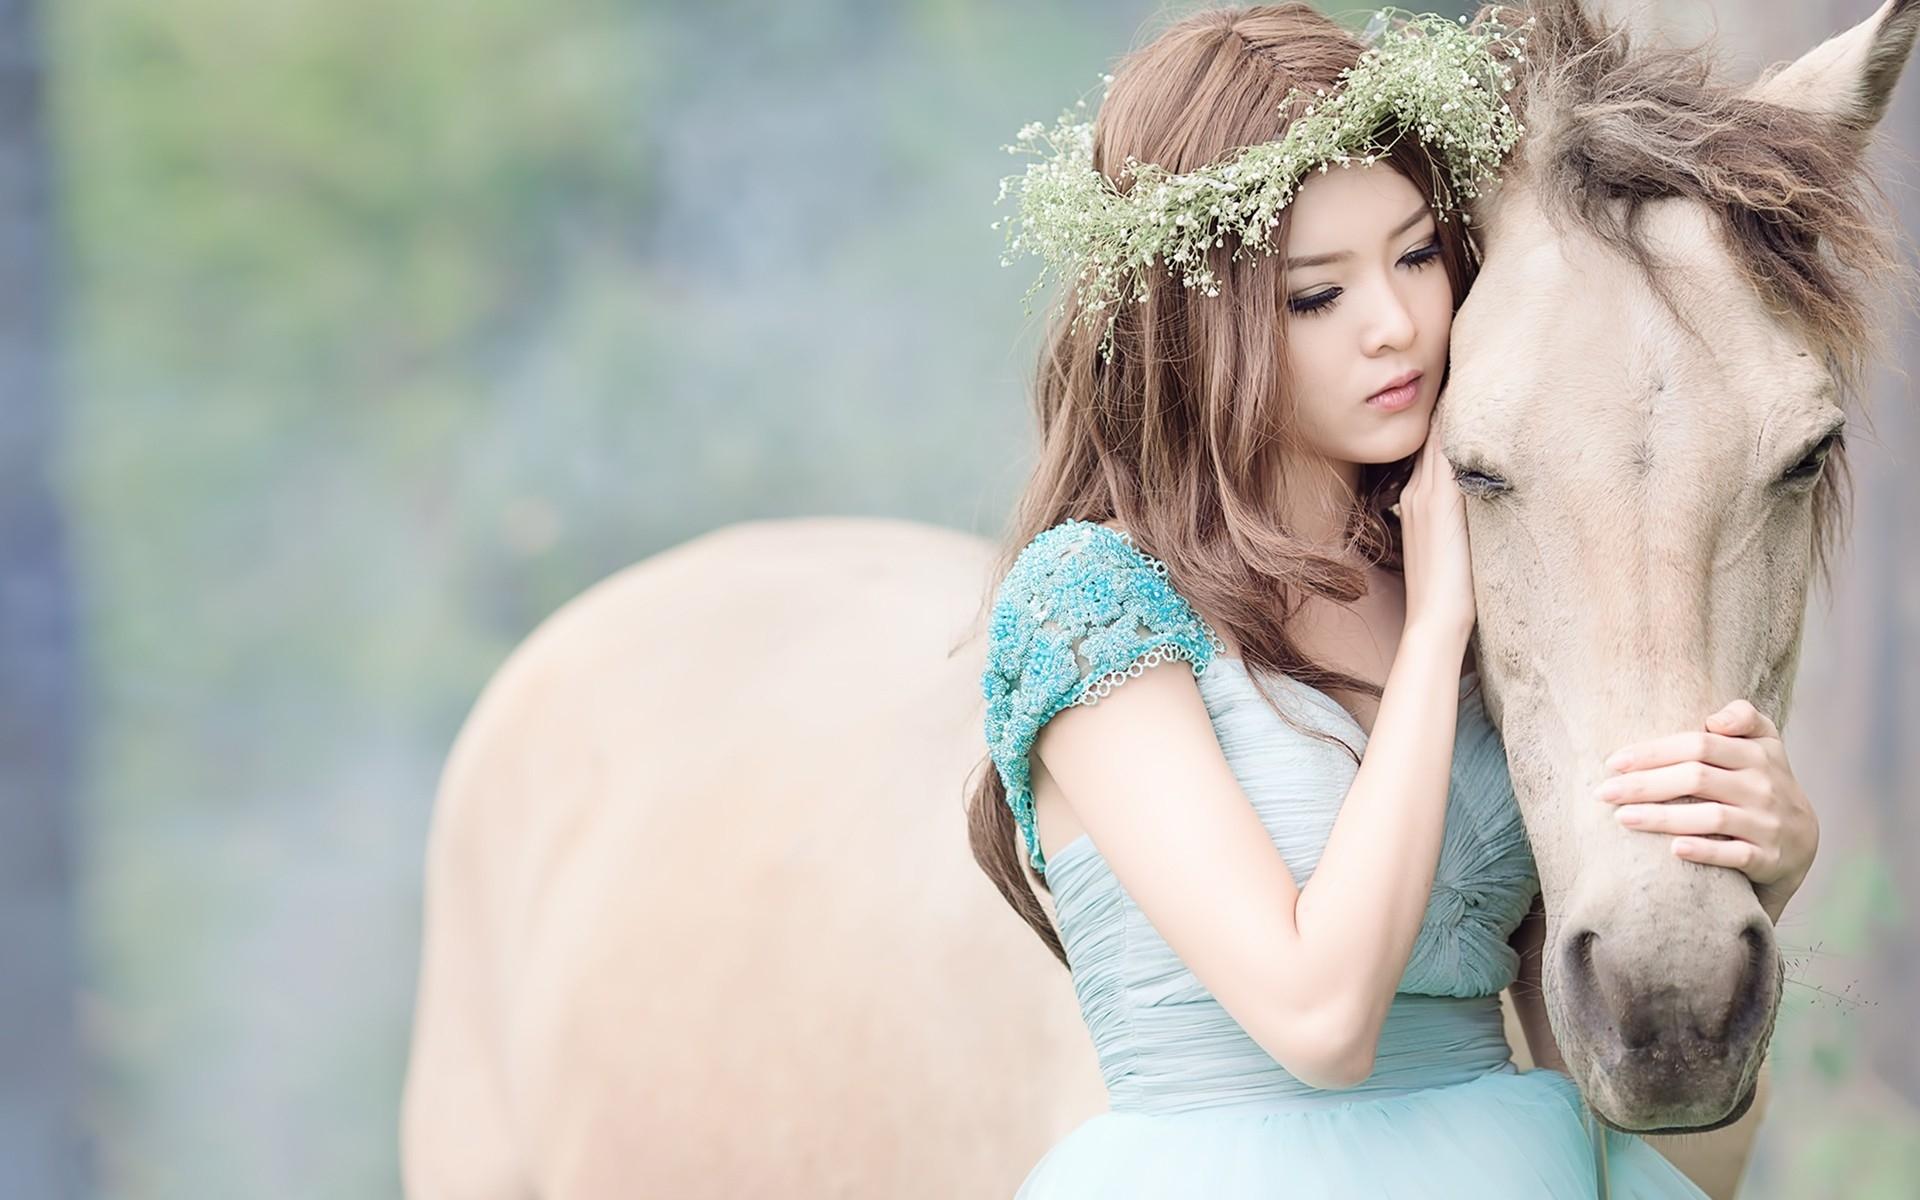 والپیپر دختر کره ای کنار اسب زیبا PicO